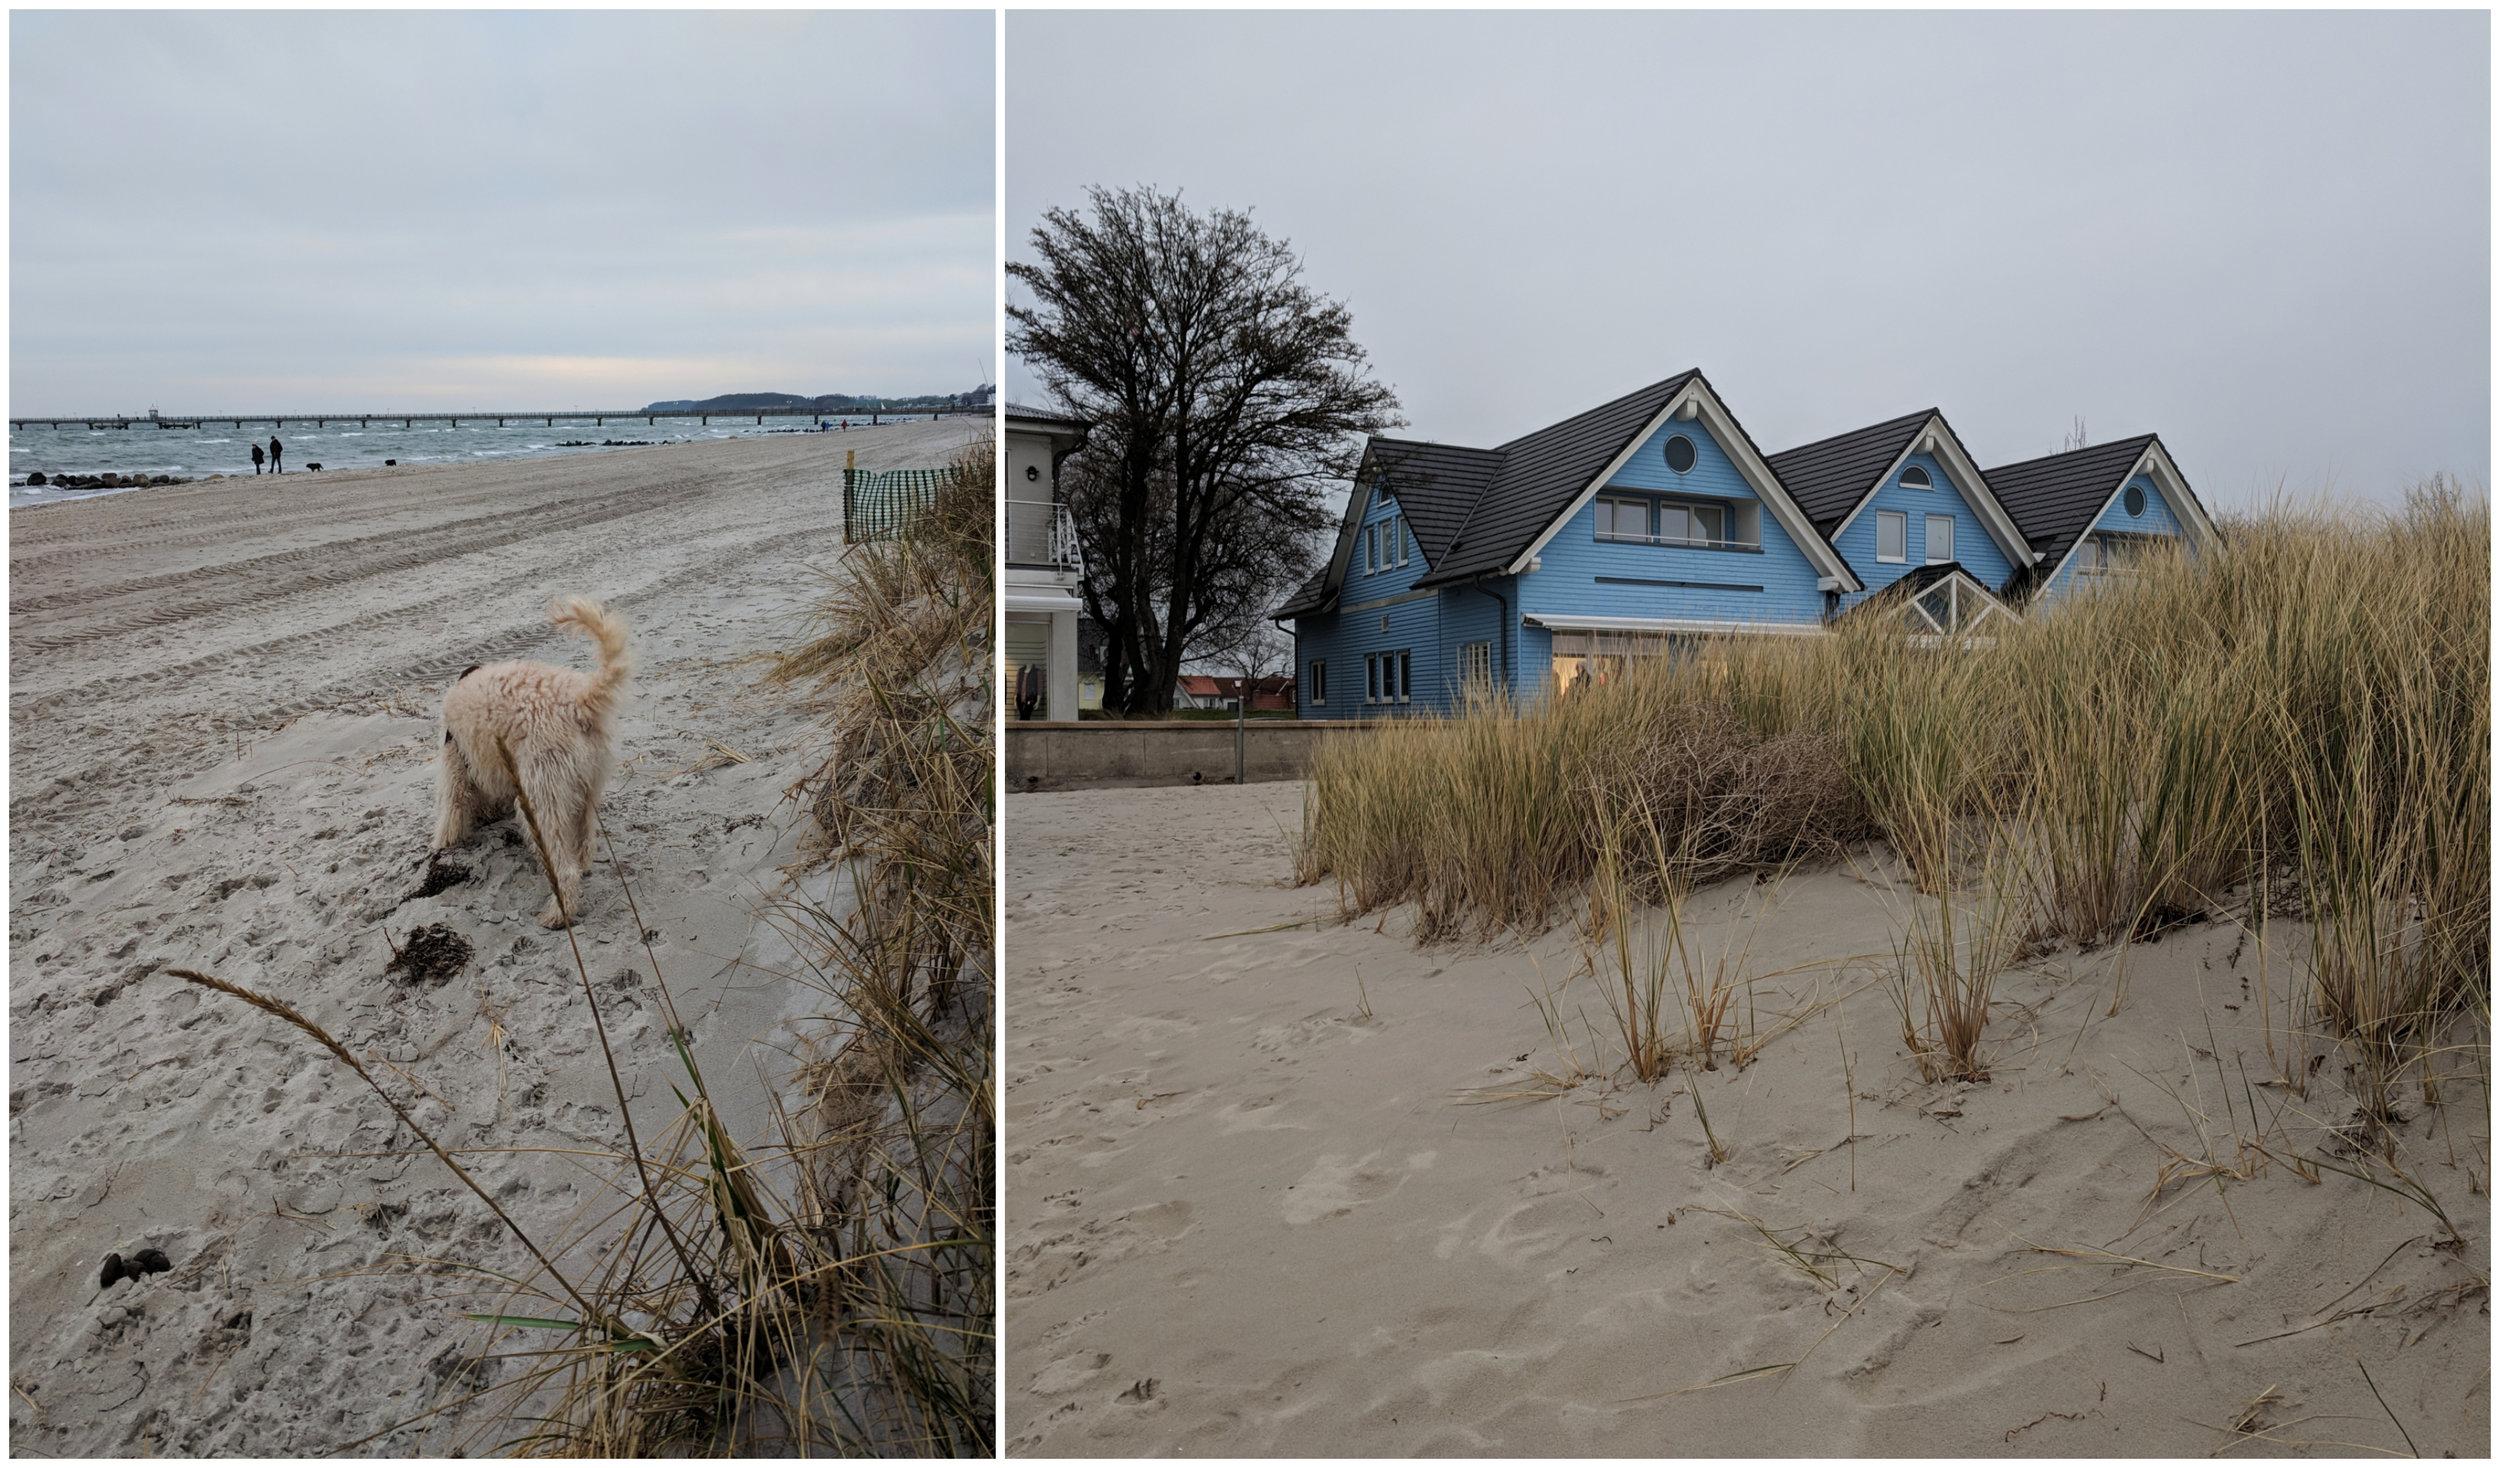 annaporter-baltic-sea-grömitz-collage.jpg